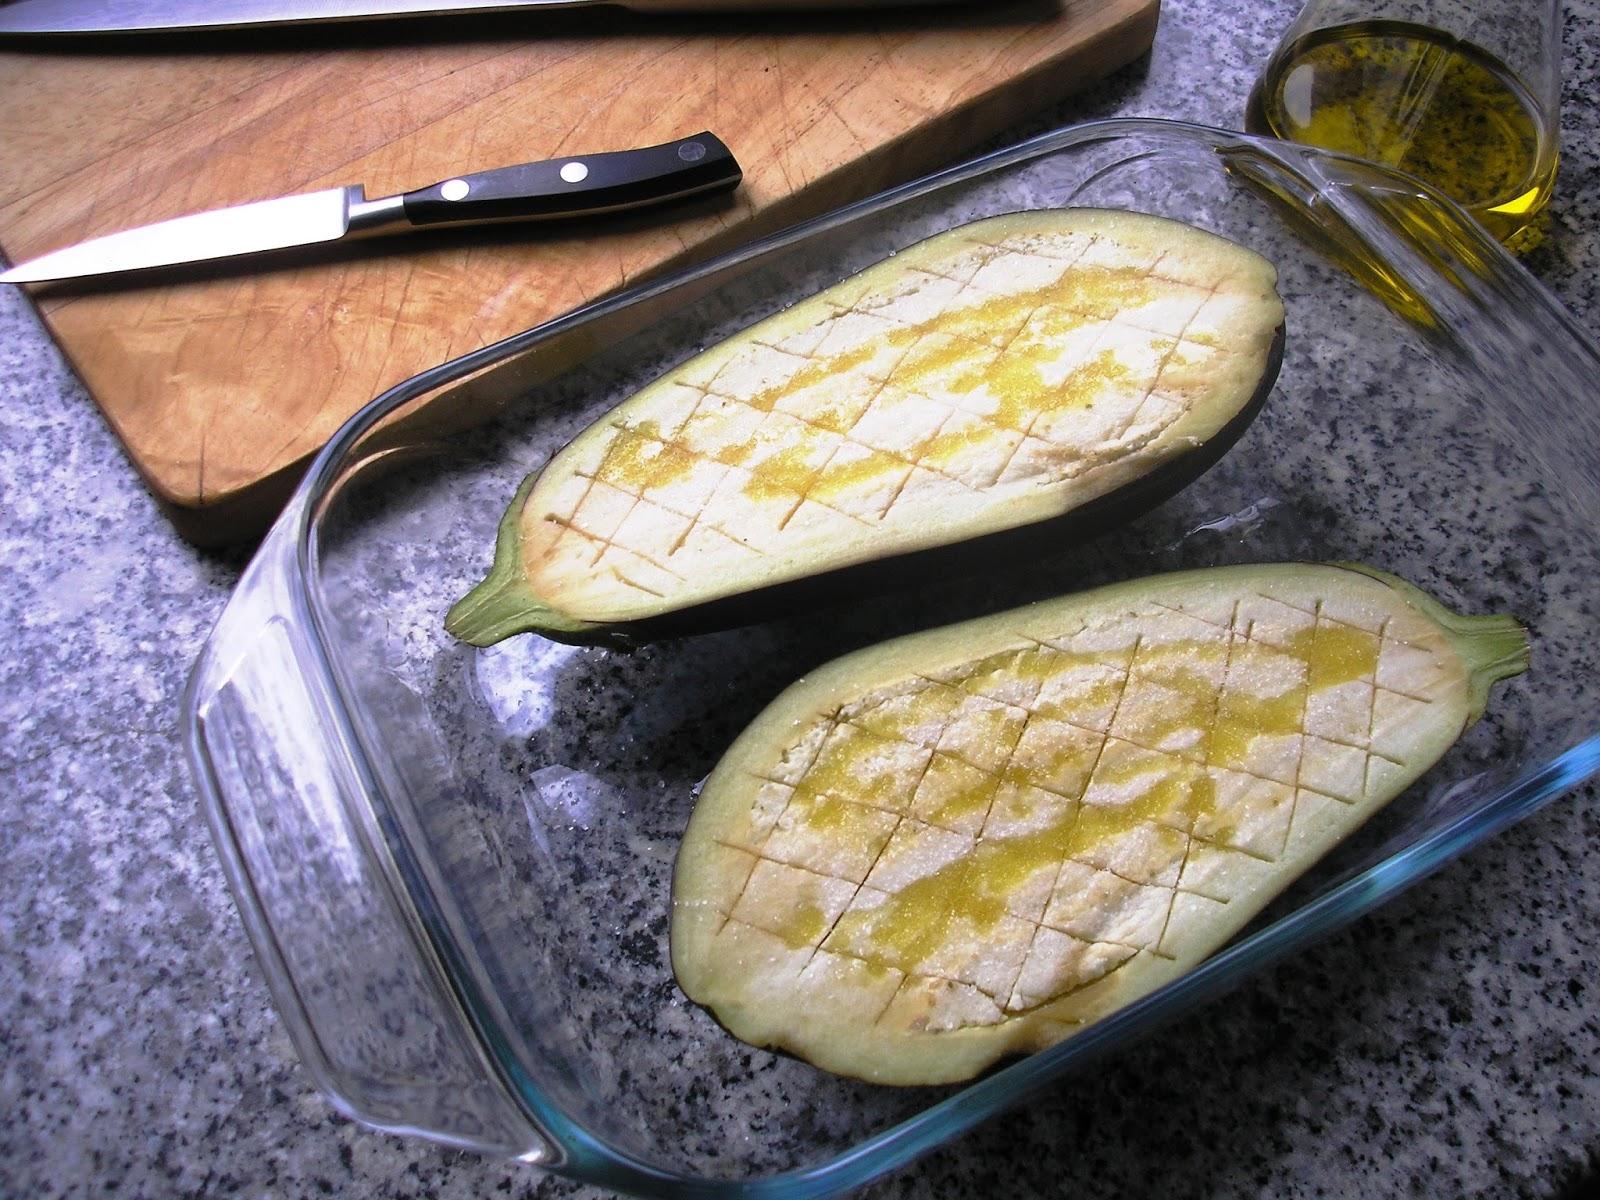 Donde la cocina nos lleve berenjena rellena de bacalao - Berenjenas rellenas de bacalao ...